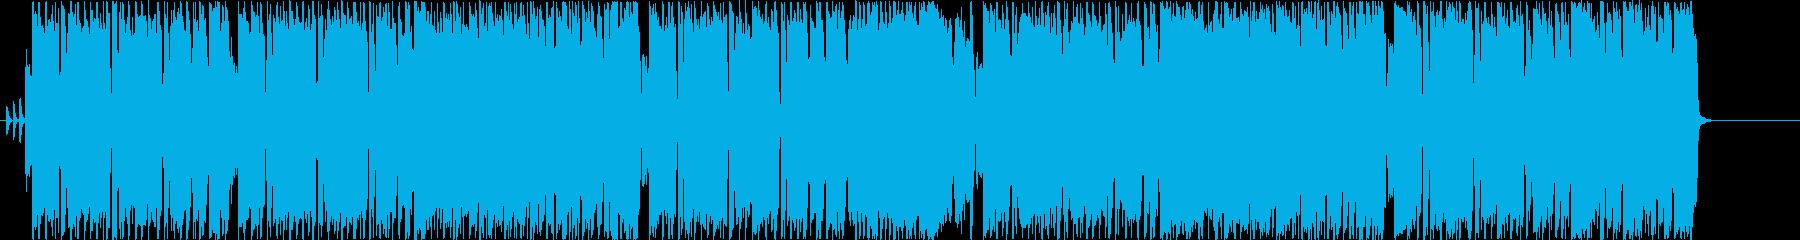 ギターインスト歌謡ロックの再生済みの波形